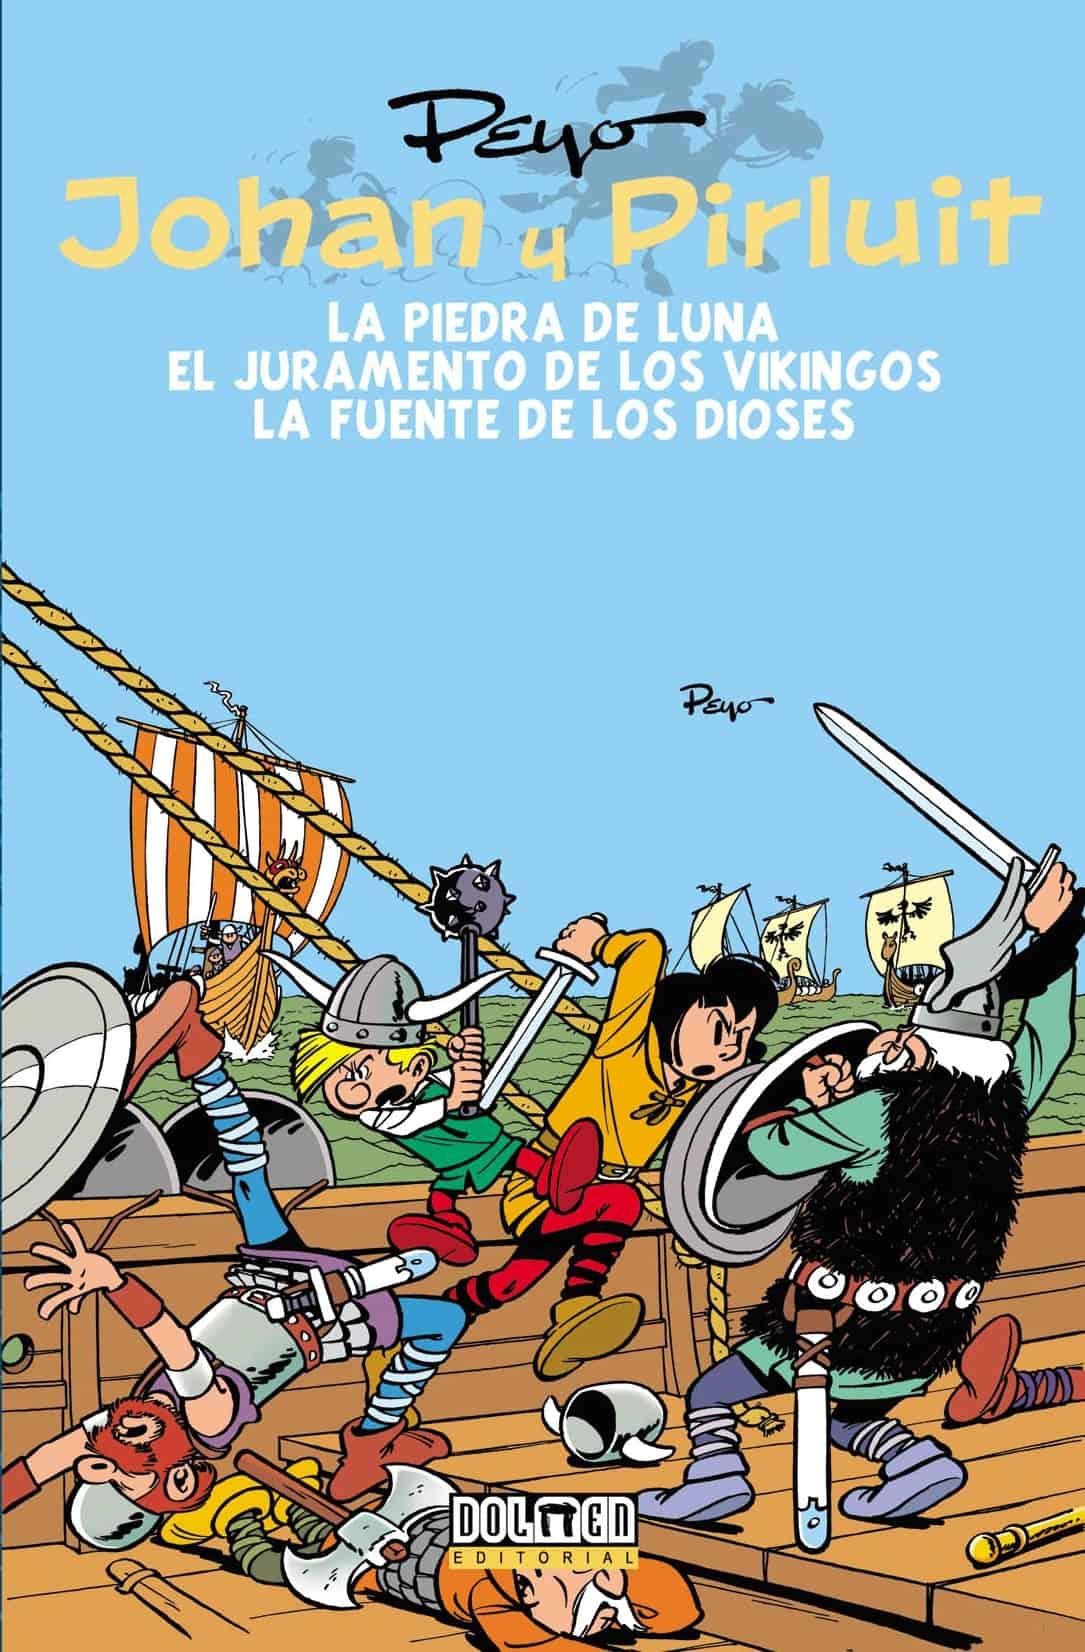 JOHAN Y PIRLUIT 02: LA PIEDRA DE LUNA - EL JURAMENTO DE LOS VIKINGOS - FUENTE DIOSES